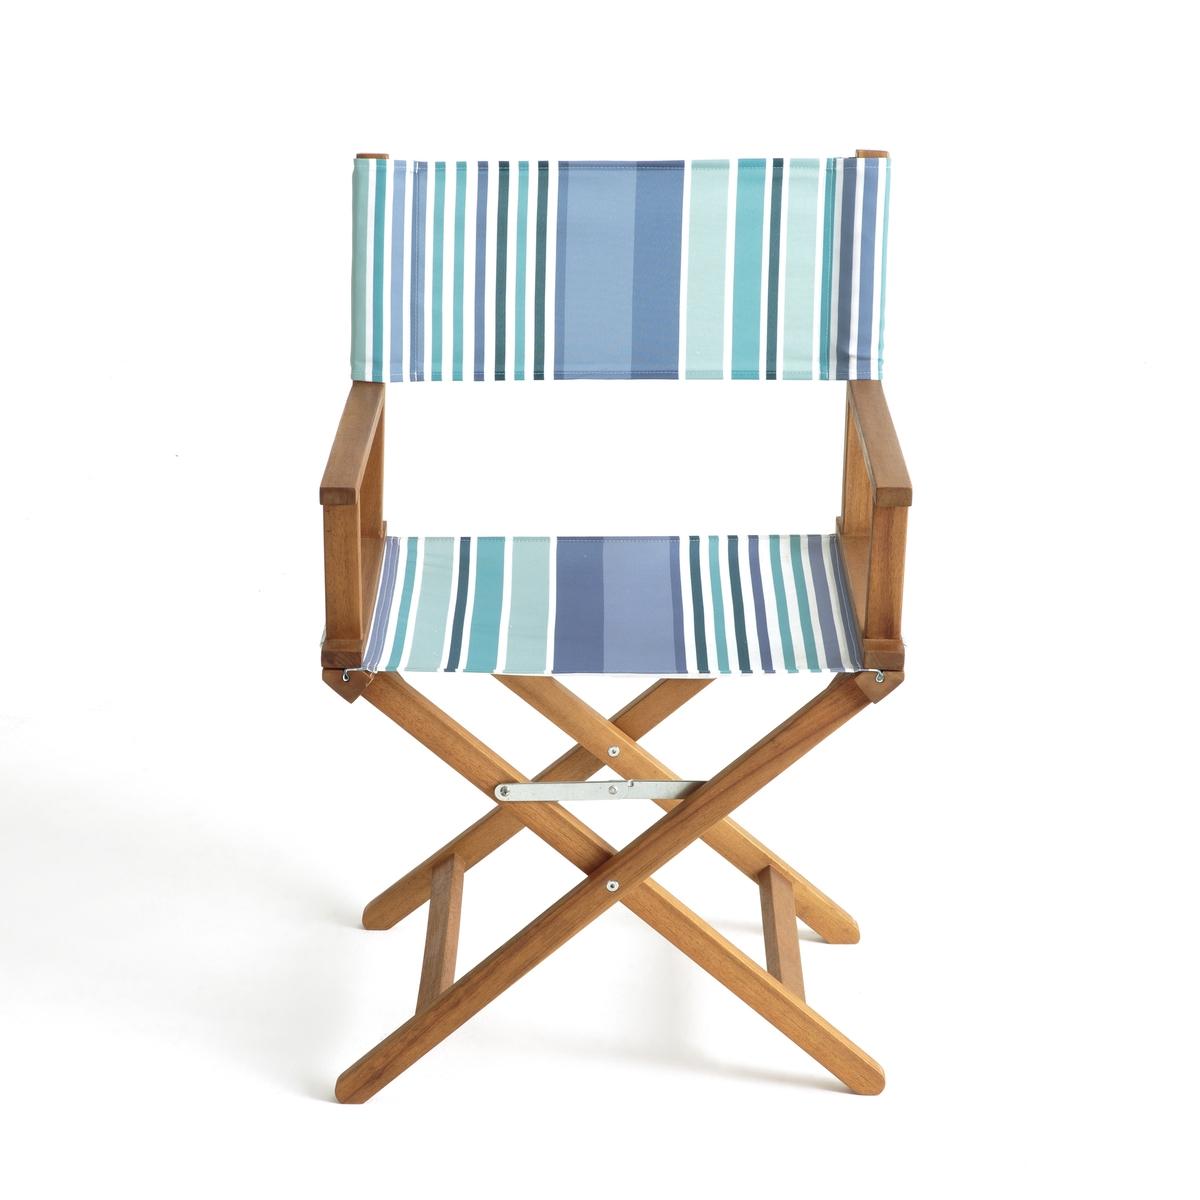 Кресло кинорежиссераВ саду и дома, режиссерское кресло производит сильное впечатление.Характеристики кресла :Из акации с масляной пропиткой. - Покрытие  100% полиэстера .- Полностью складное .Поставляется  собранным, в сложенном виде .Размеры :- Общие: L56/57,5 x H88 x P43 см. Это кресло кинорежиссера для экстерьера может быть доставлено (без доплаты), если необходимо, до вашей квартиры.Вы можете обменять или вернуть кресло в течение 15 дней, предварительно оговорив это при покупке.<br><br>Цвет: коралловый/ розовый,синяя полоска